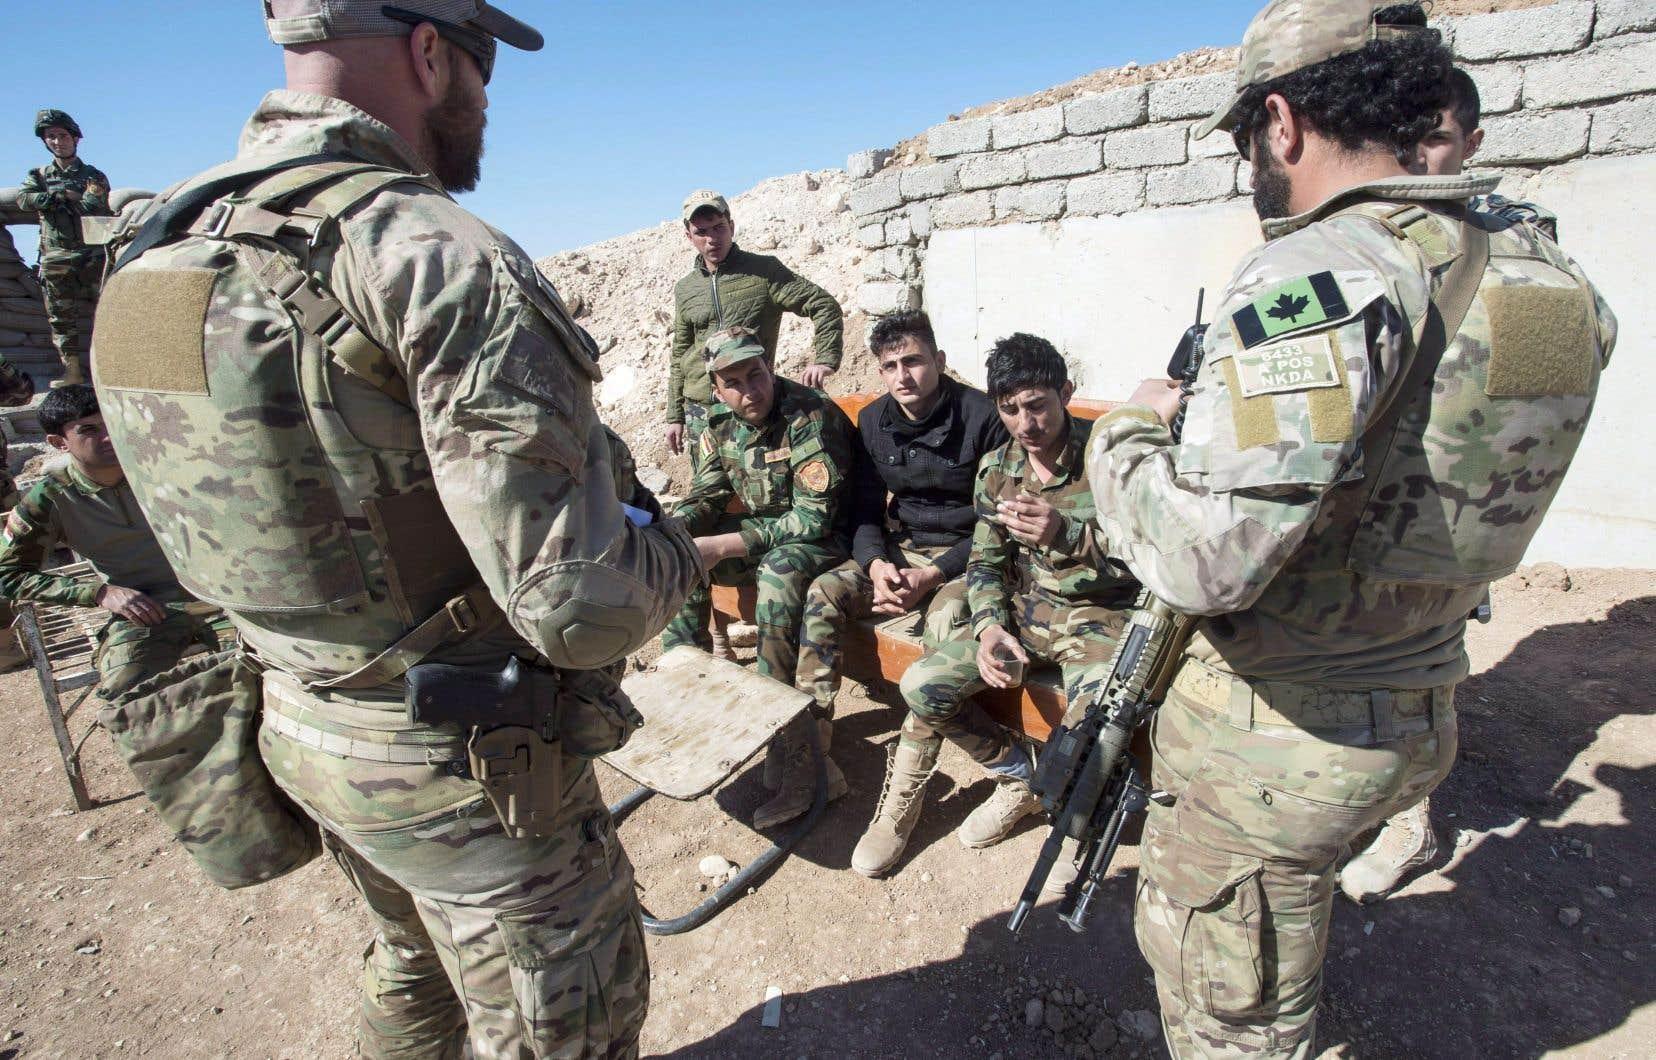 Les Forces armées canadiennes ont déployé jusqu'à 850 militaires au Moyen-Orient au cours des dernières années, dont quelques centaines affectés à des missions d'entraînement de soldats irakiens.